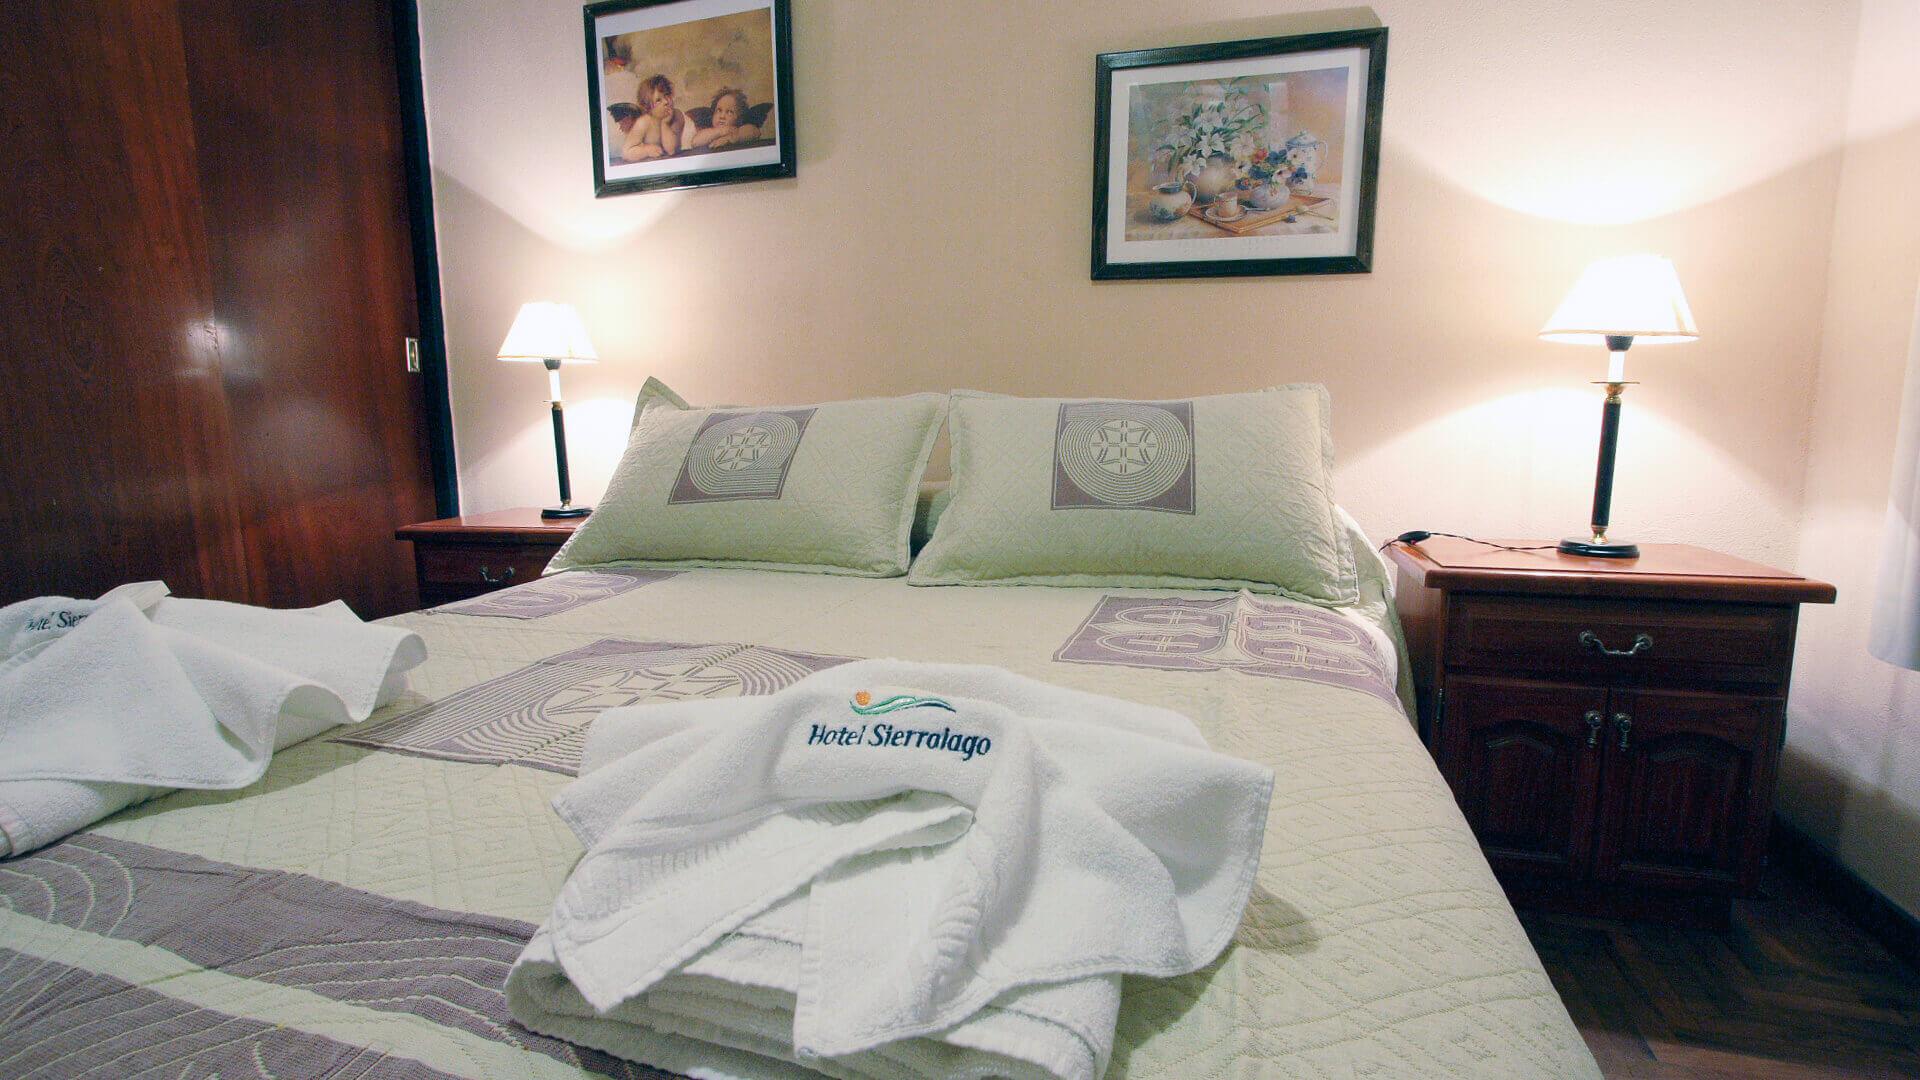 http://www.hotelsierralago.com.ar/wp-content/uploads//2017/01/IMG_7301.jpg